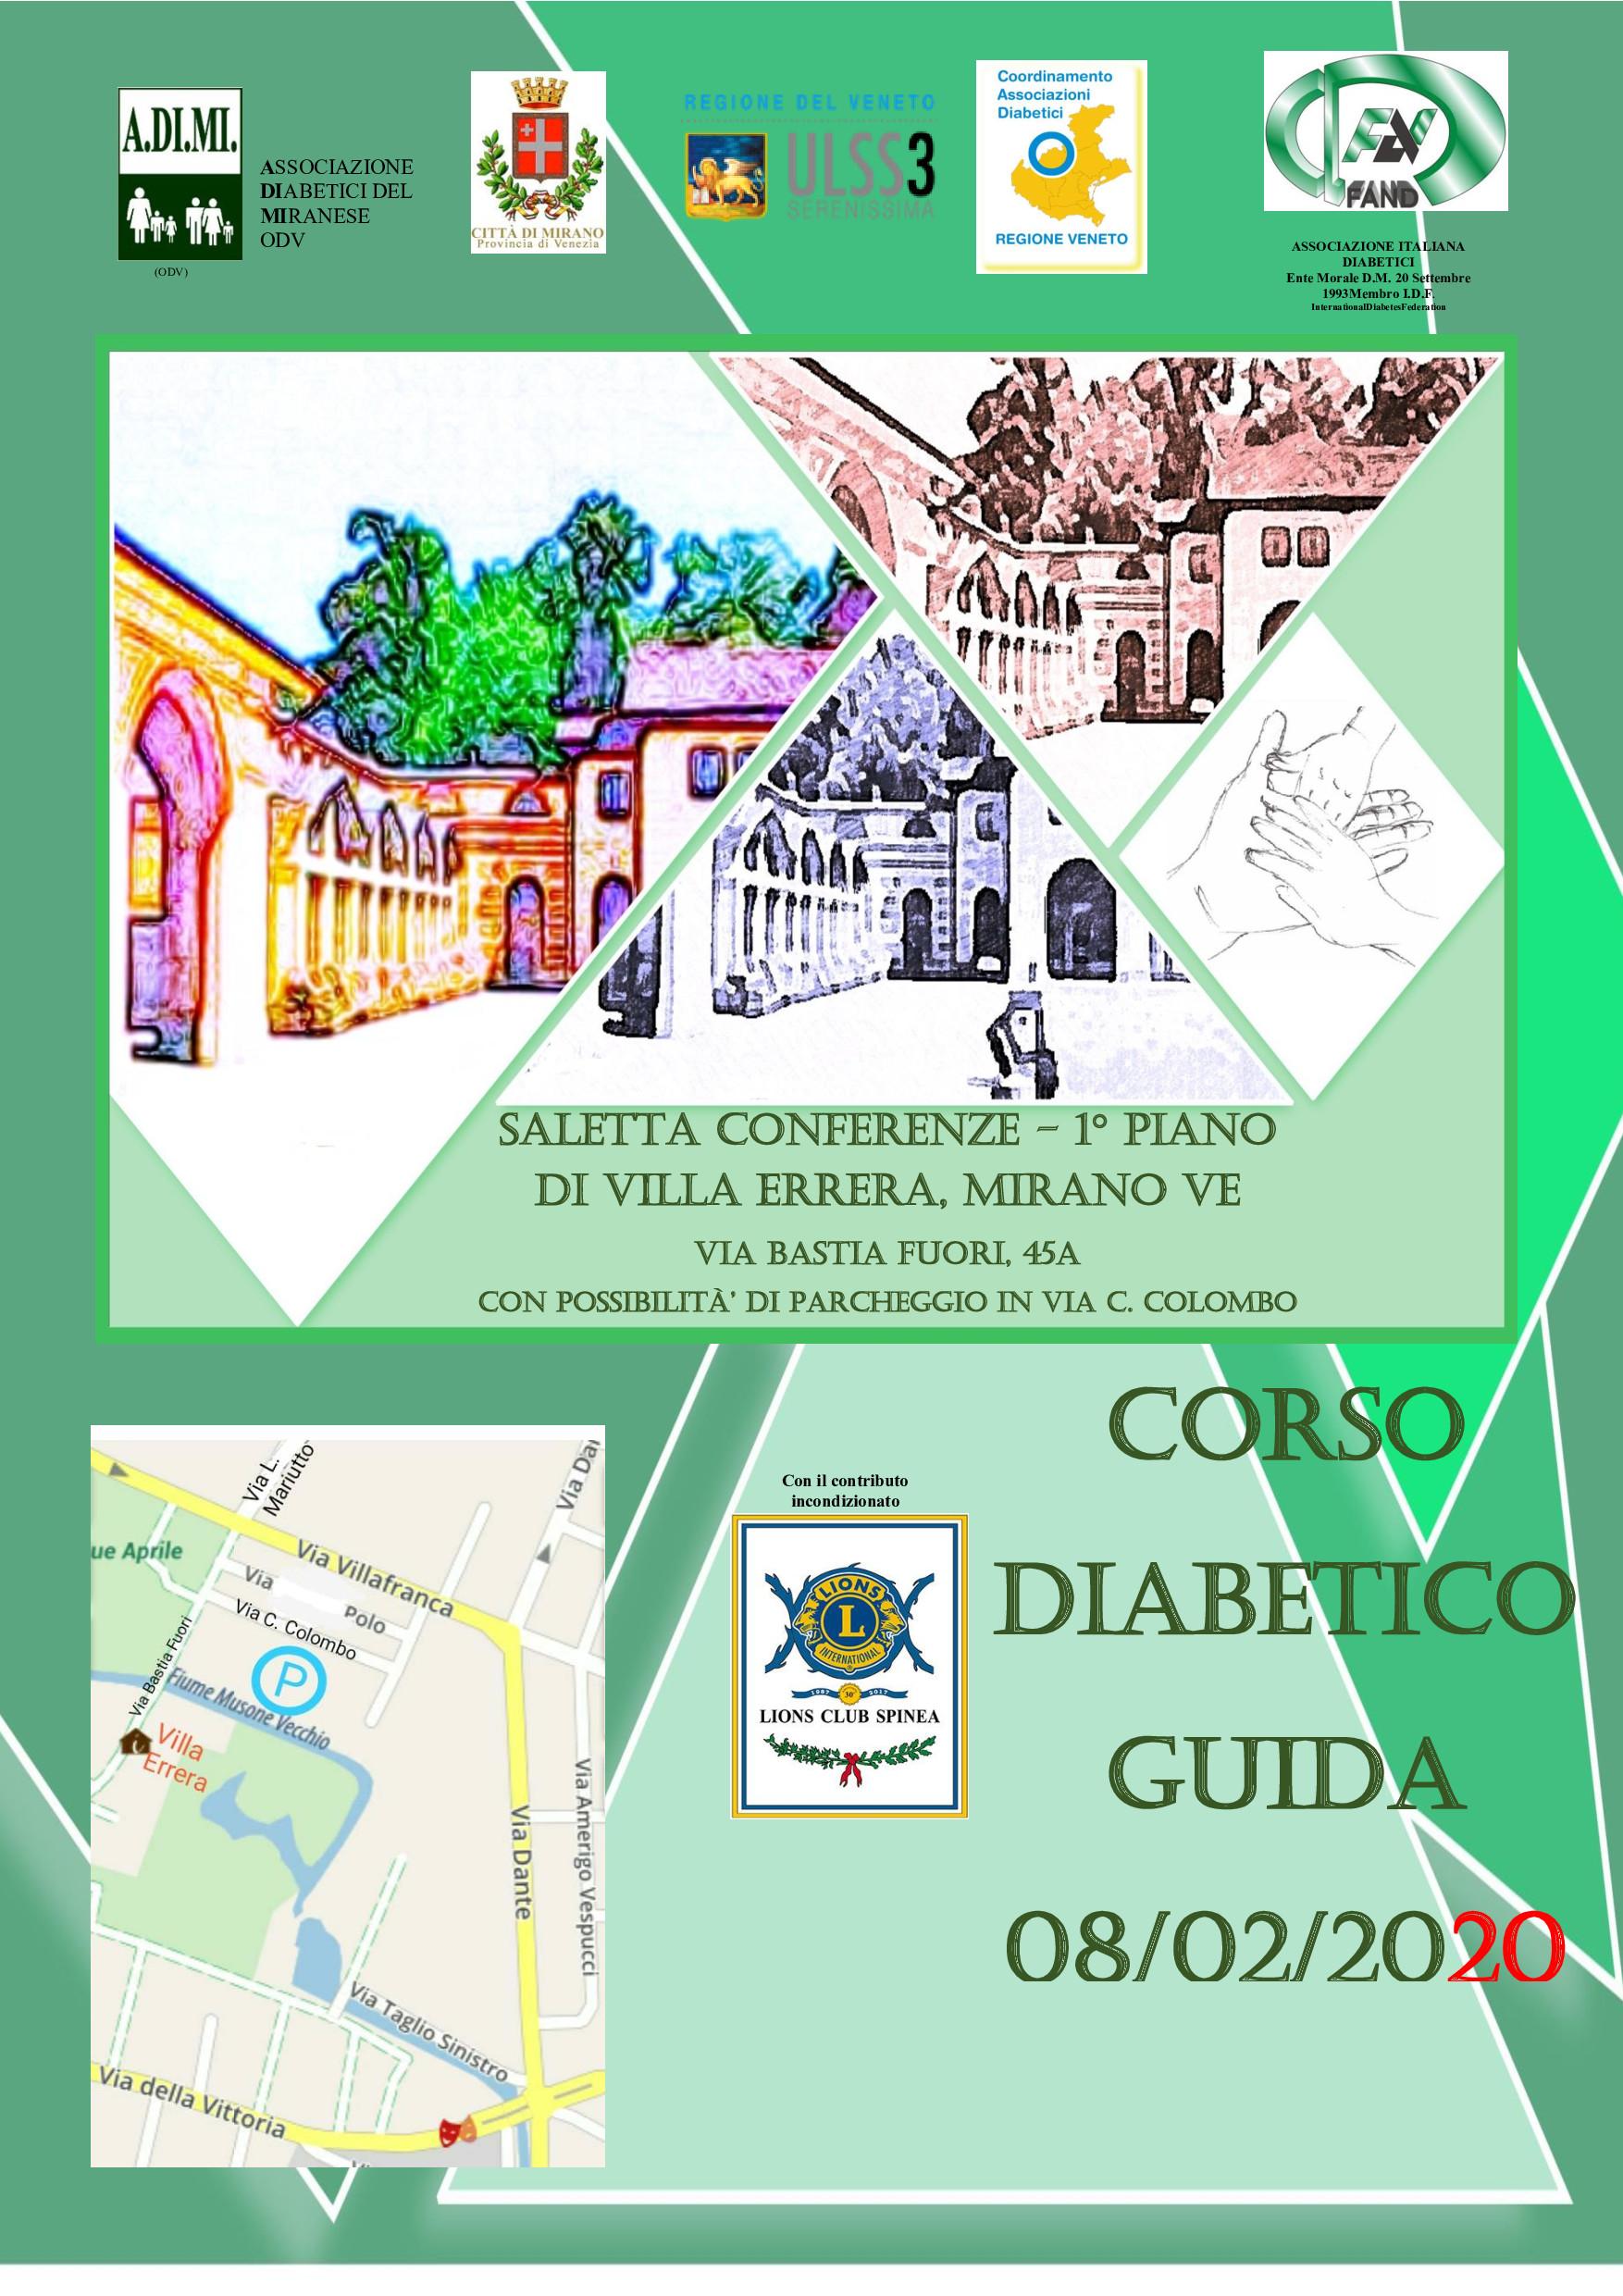 Diabetico Guida – Mirano